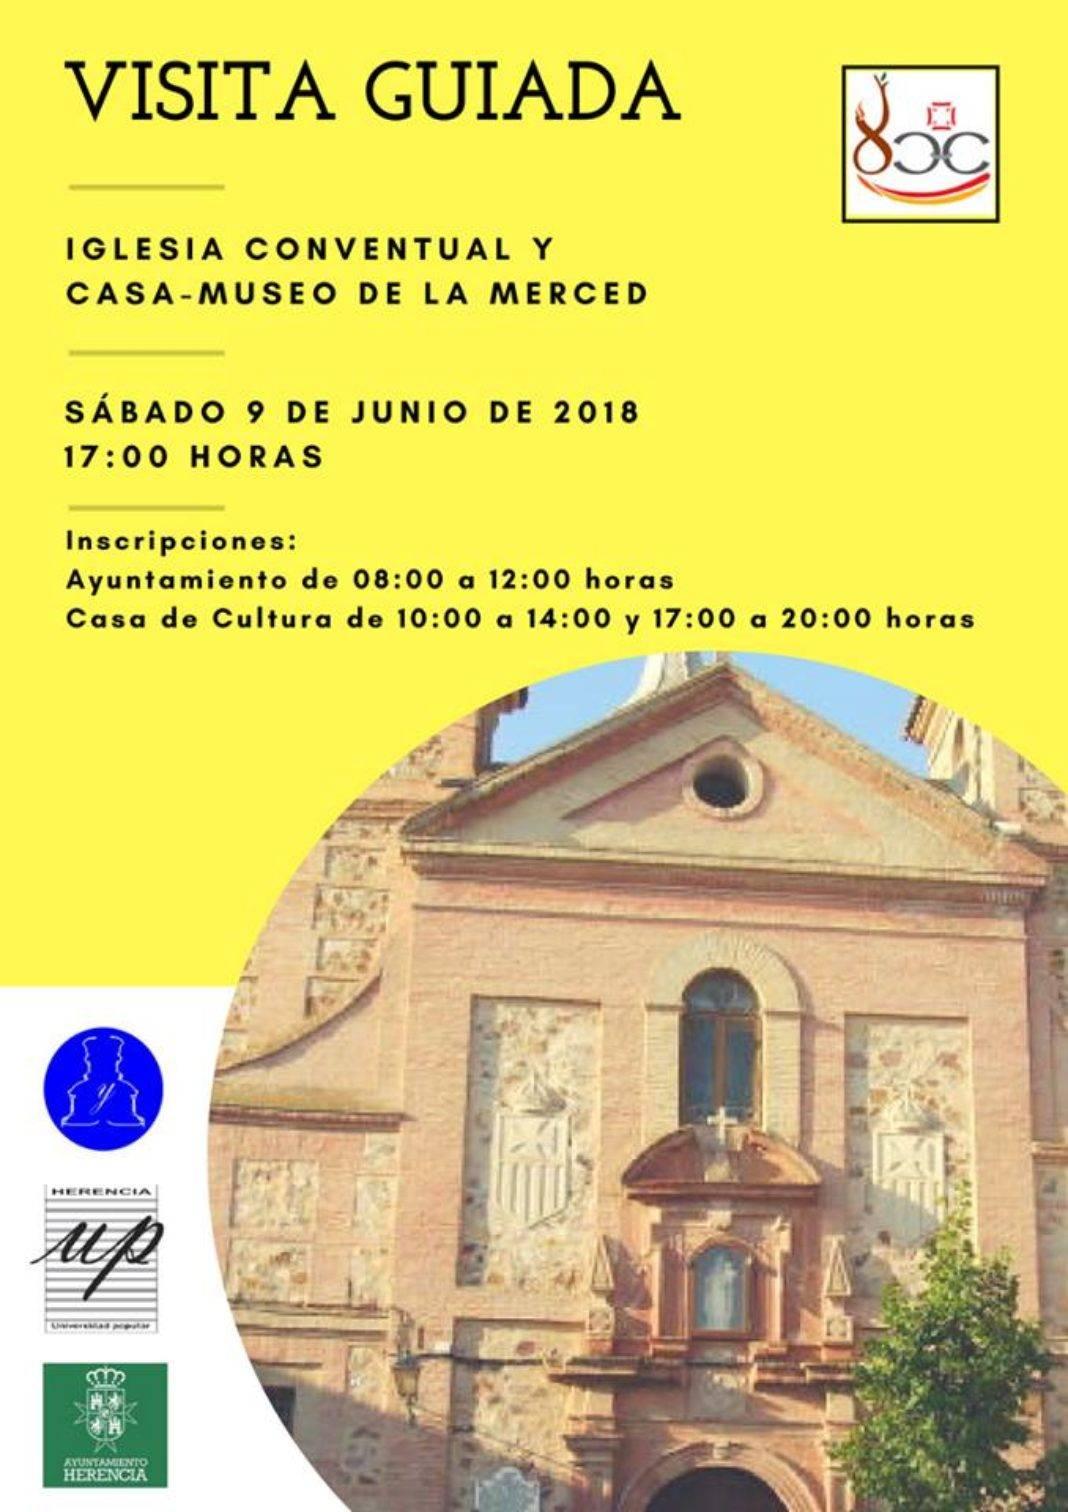 Visita guiada a la iglesia conventual de la merced de HErencia 1068x1512 - Visita guiada a la iglesia conventual y casa-museo de La Merced